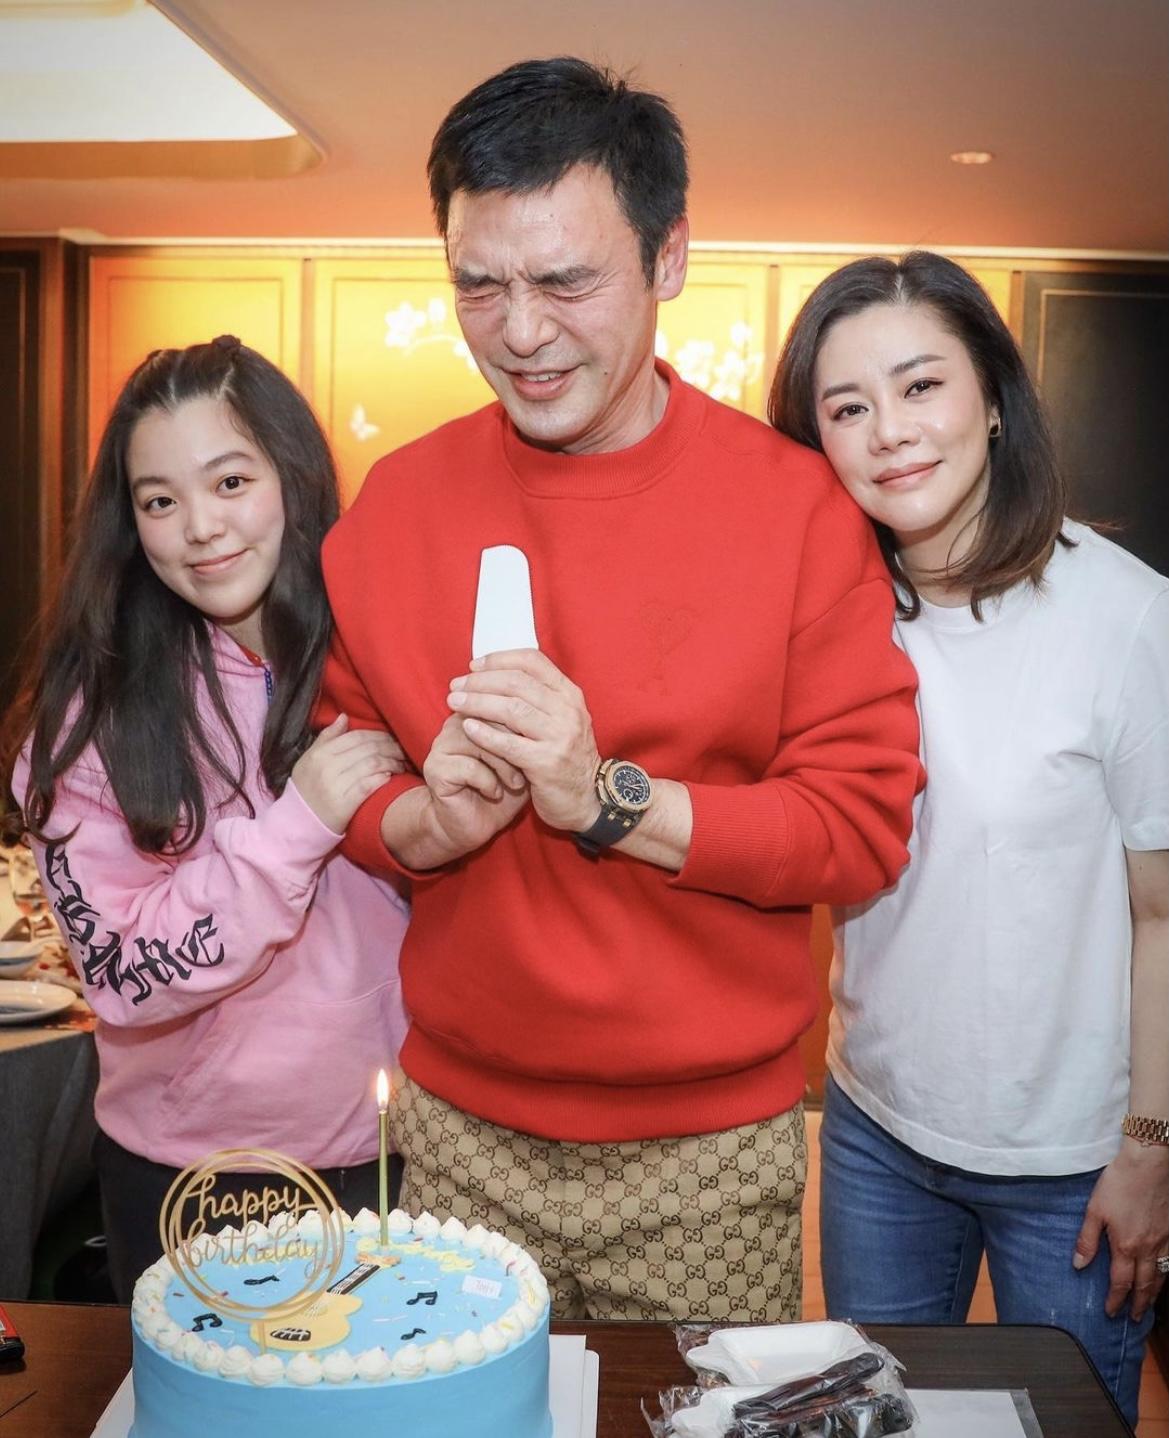 鐘鎮濤曬照慶68歲生日,范姜安排派對製造驚喜,仨女兒伴隨慶生